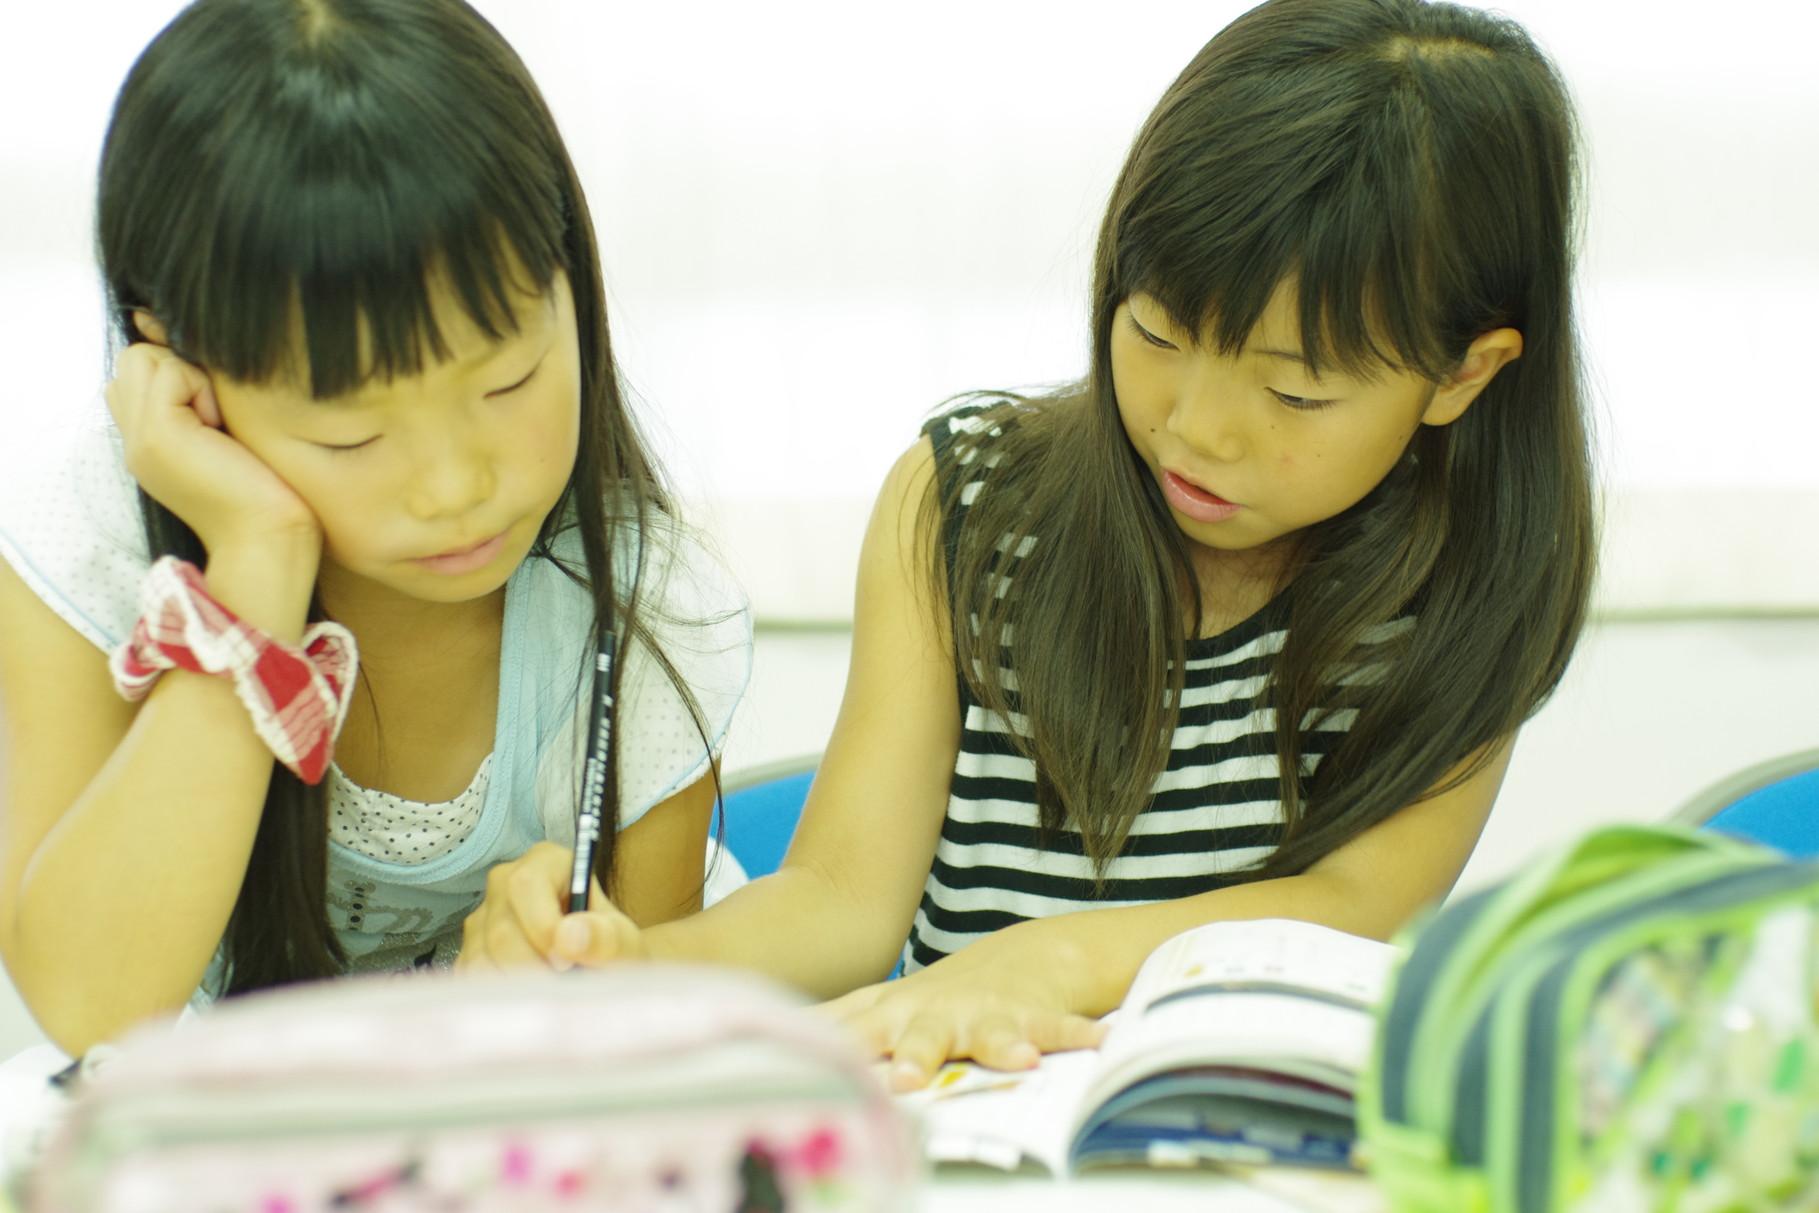 みんなでわからない問題を教え合い学び合います。みんなで助け合い、学び合えばすぐに解ける!